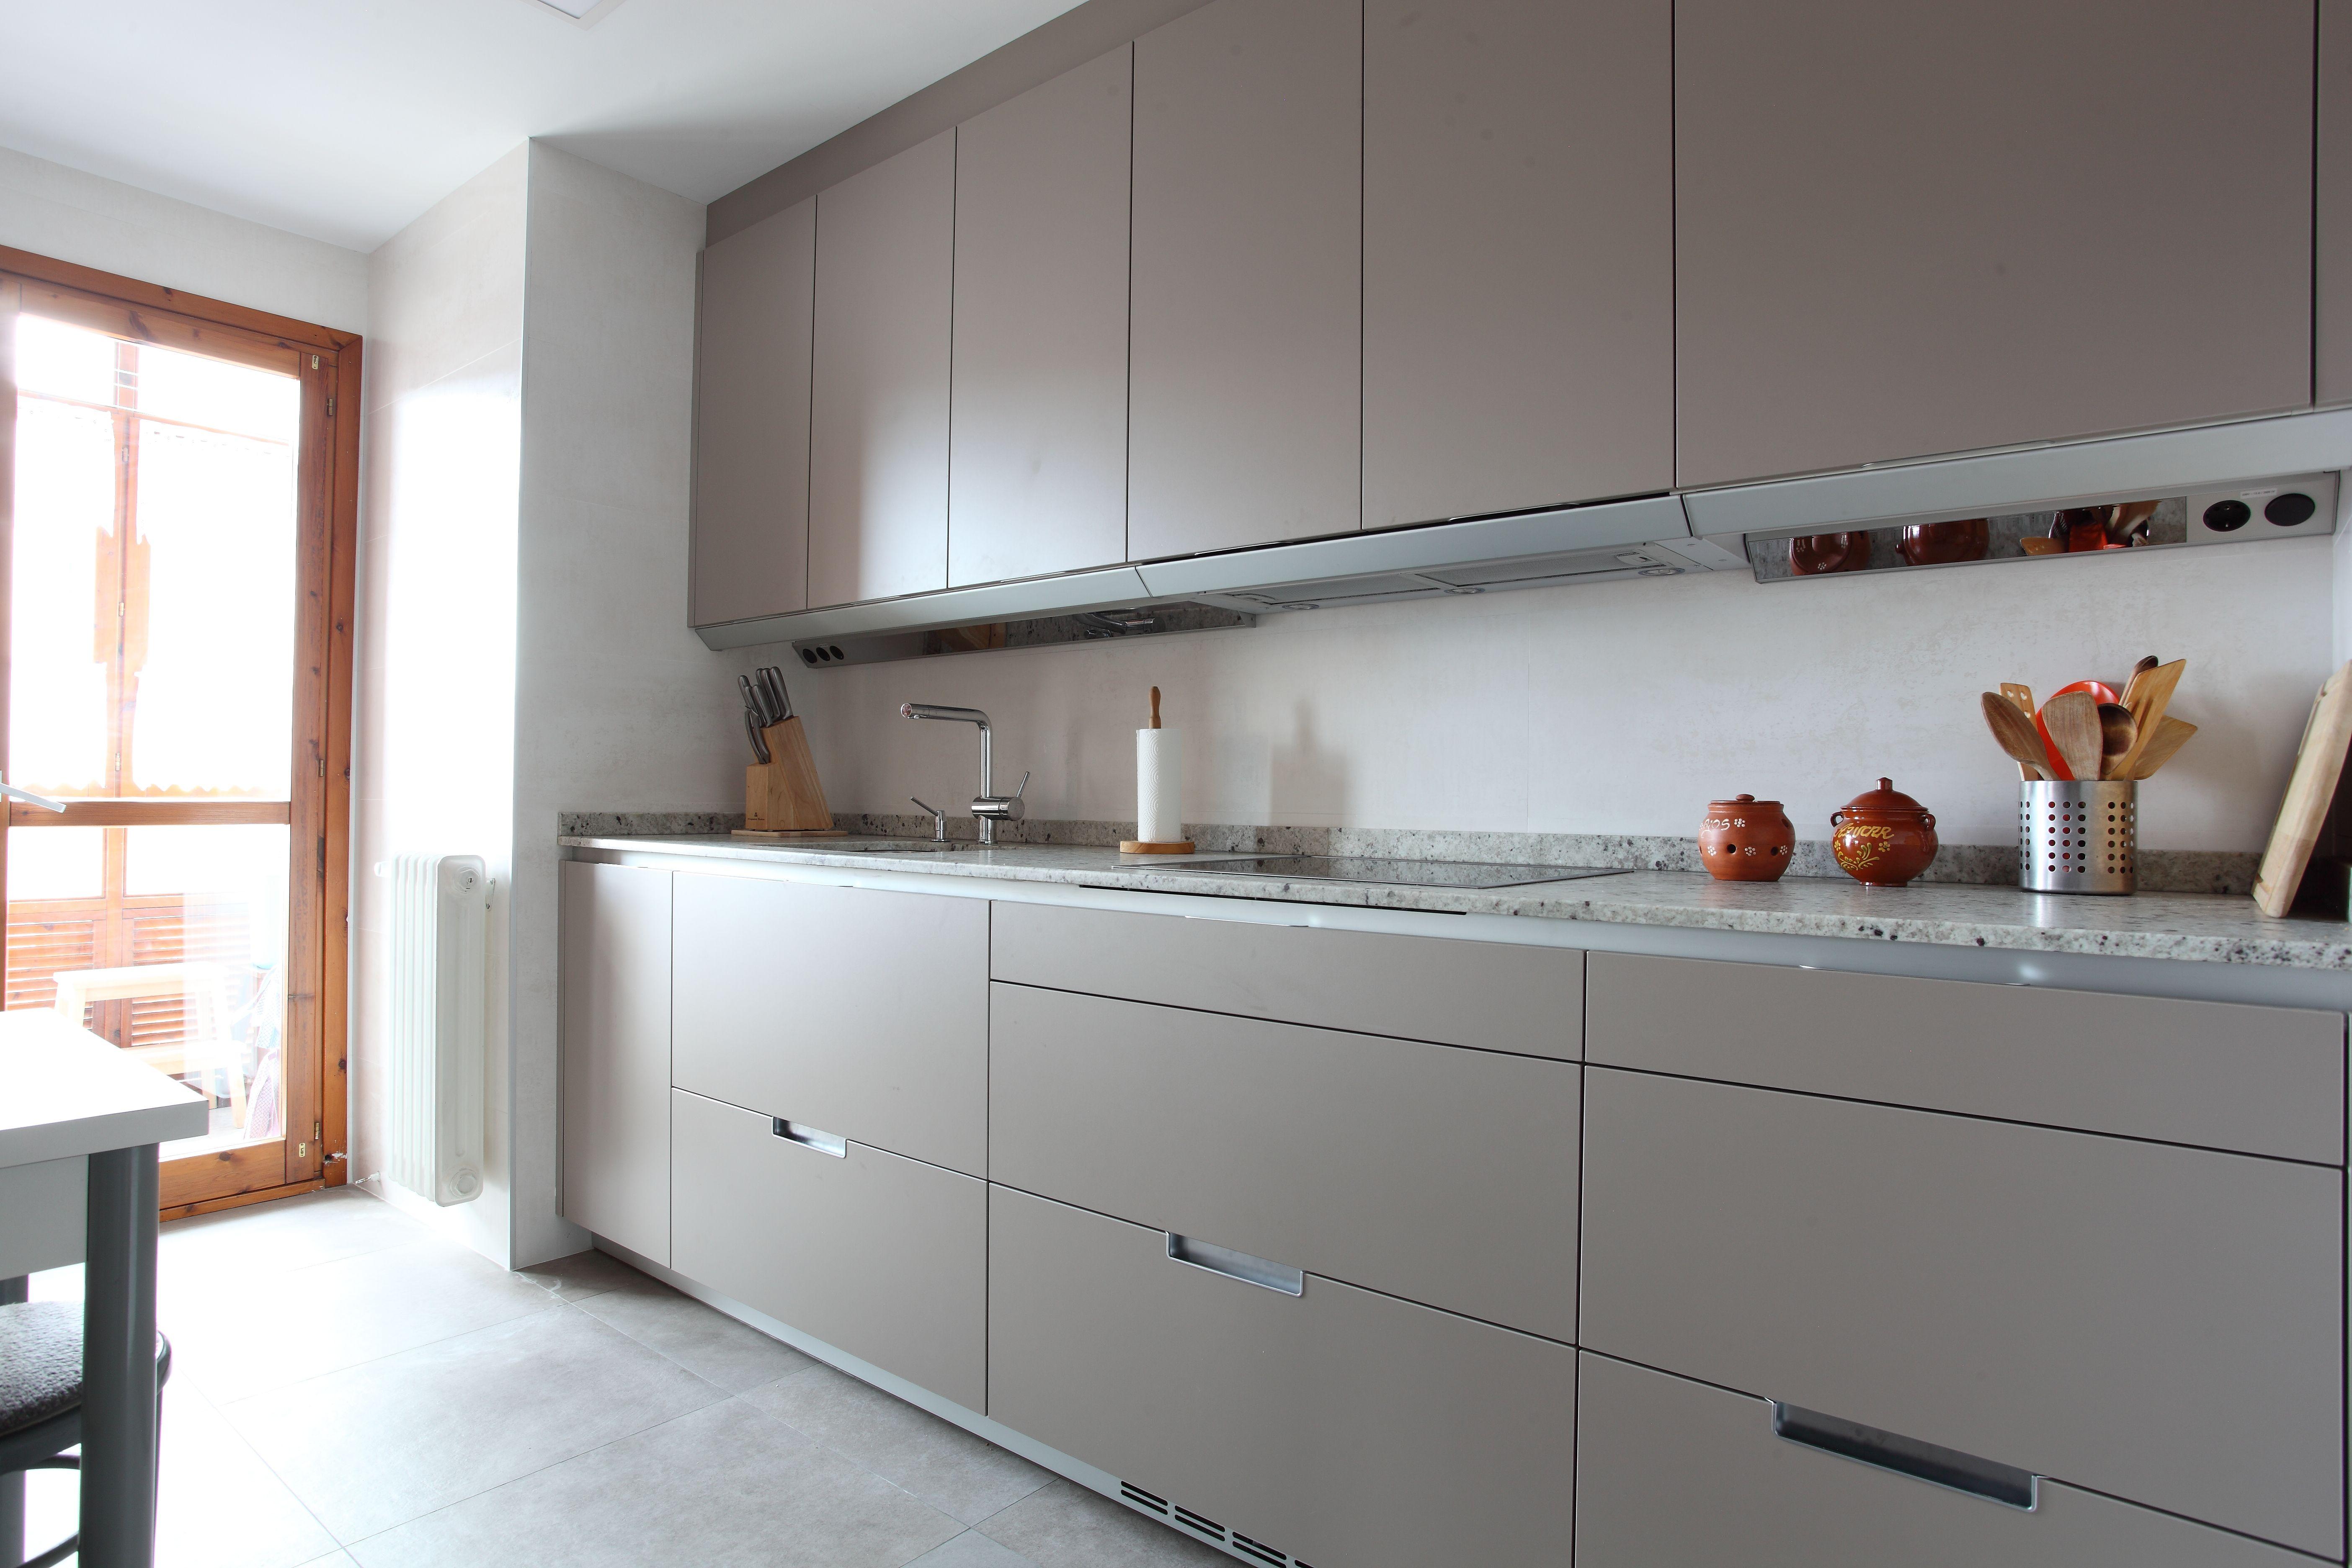 Cocina SANTOS Modelo MINOS-E en color Gris ARENA, cierre a techo ...